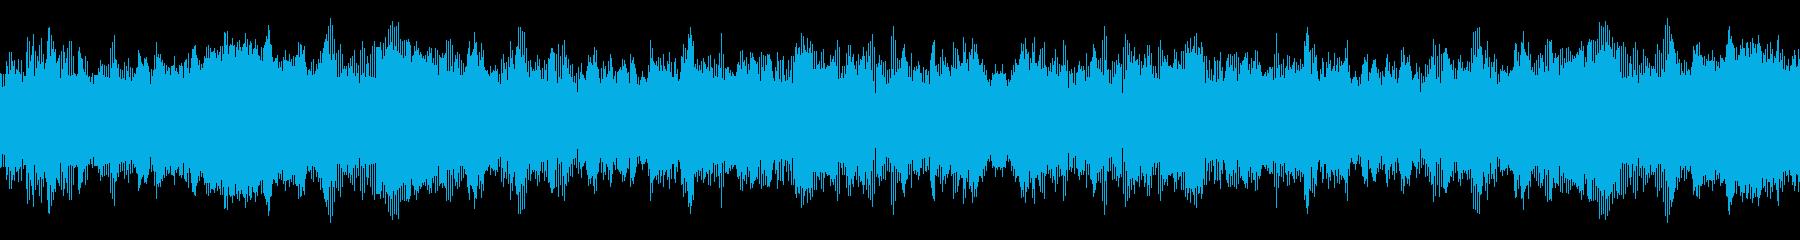 モンクボイスローチャンティングの再生済みの波形